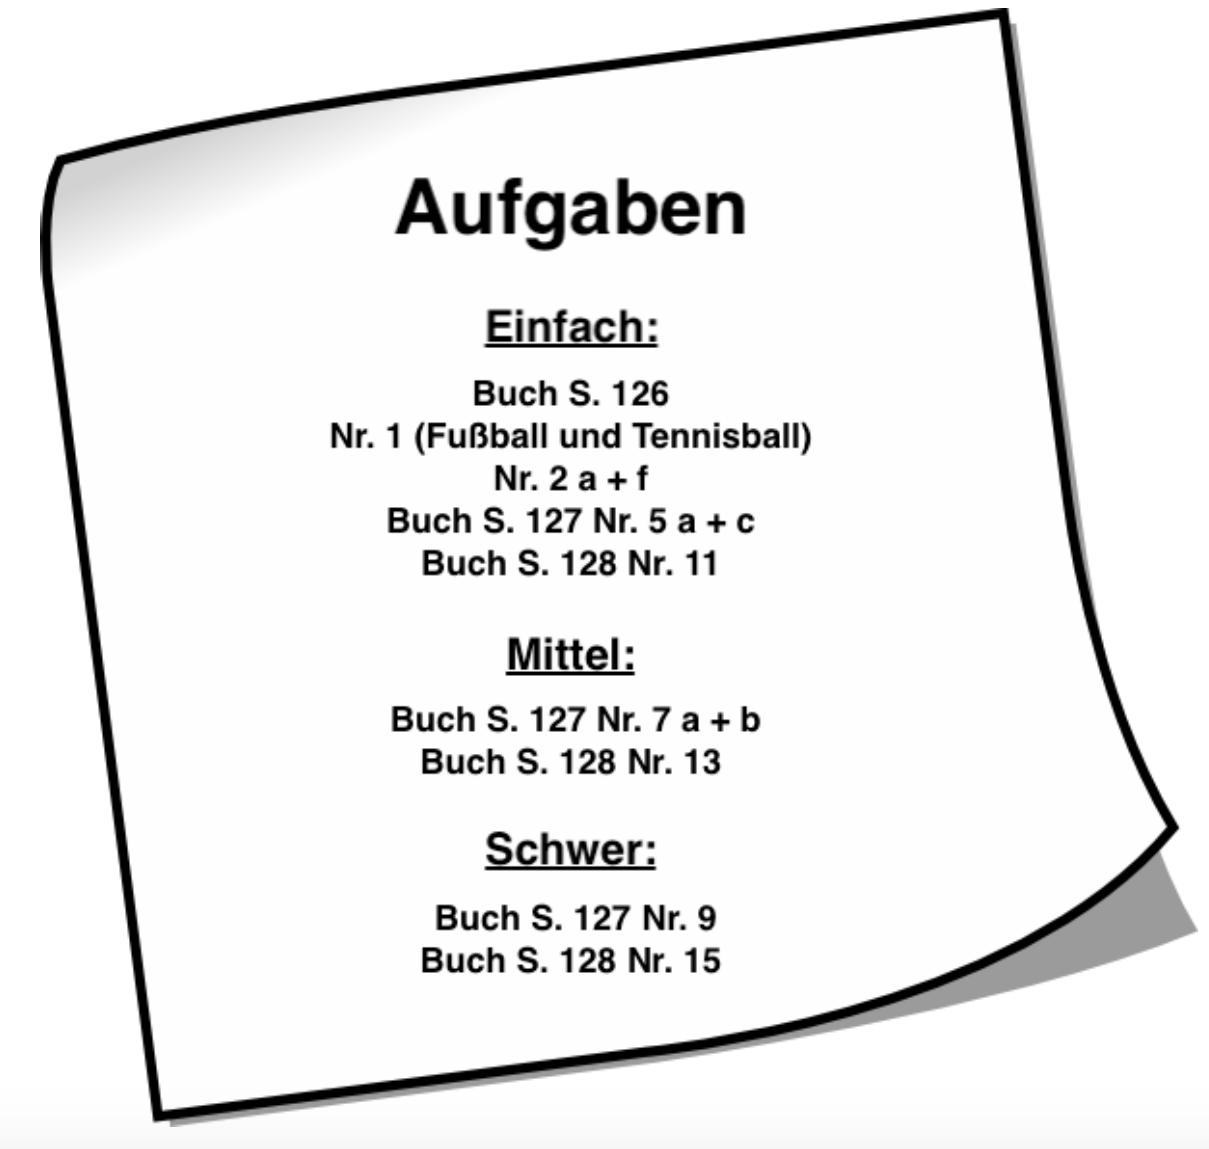 Schön Volumen Arbeitsblatt Mit Antworten Galerie - Arbeitsblatt ...